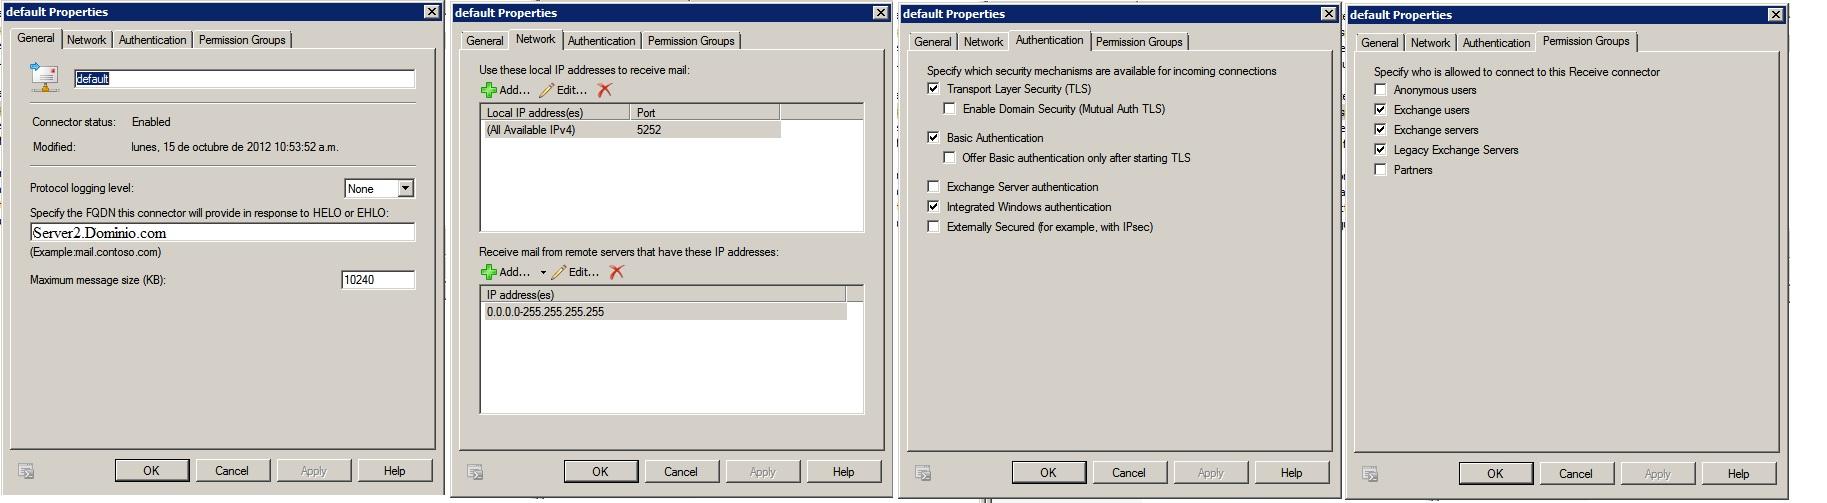 Conector Defaultserver 2